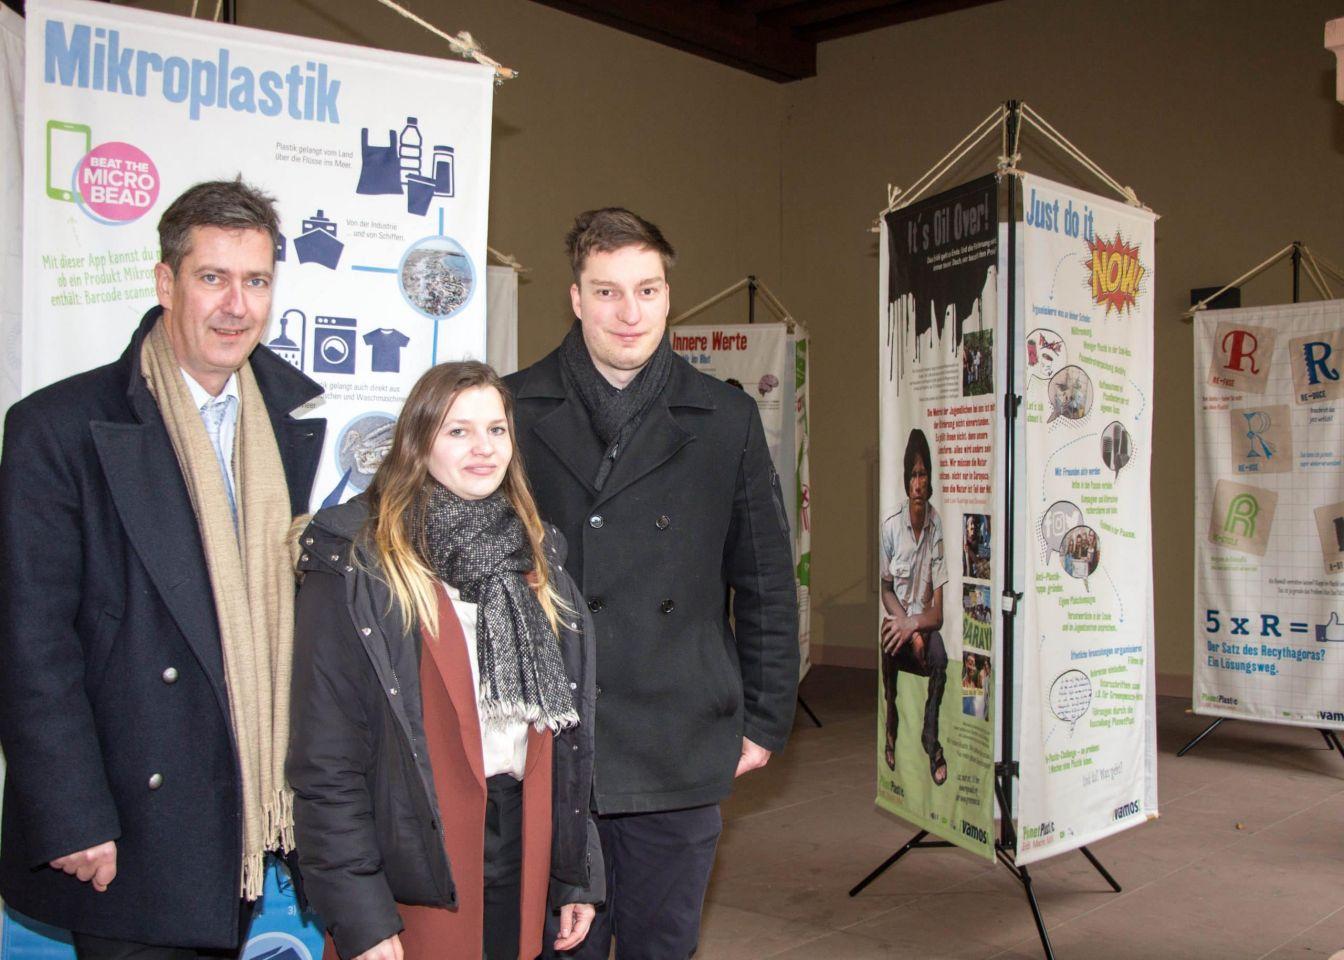 Ausstellung in der Behr-Halle: Planet Plastic